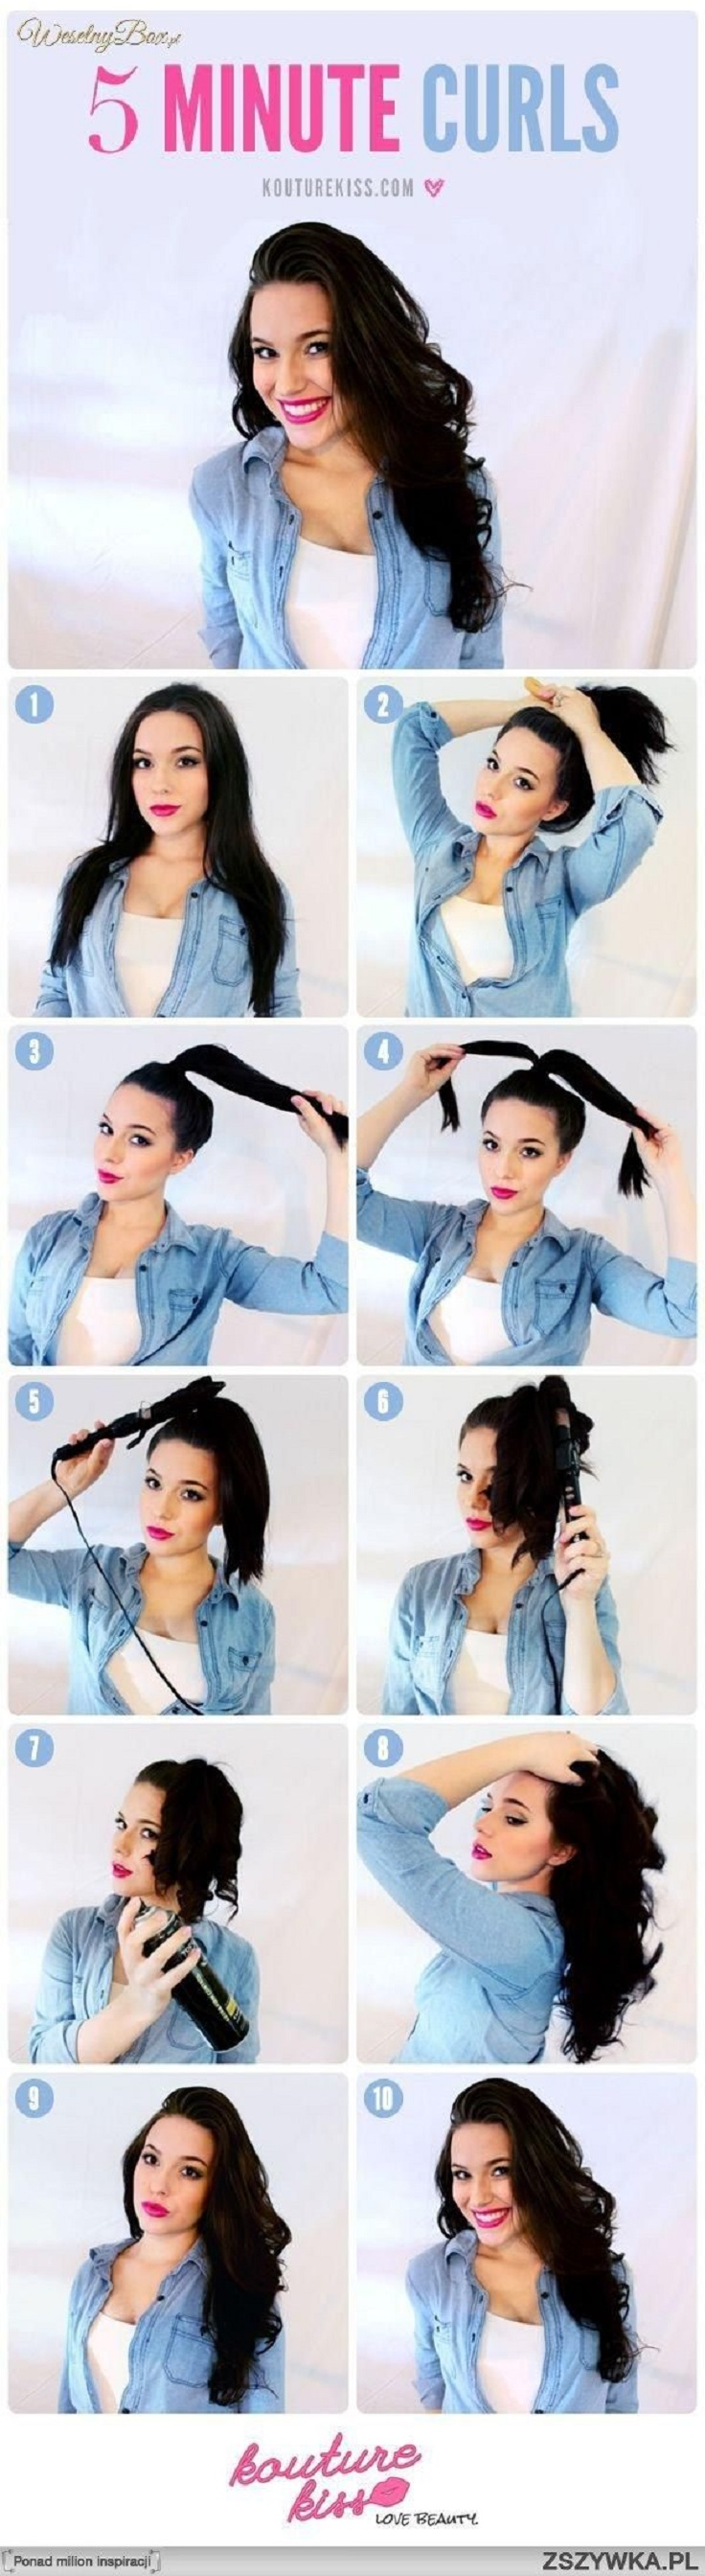 5-minute-curls